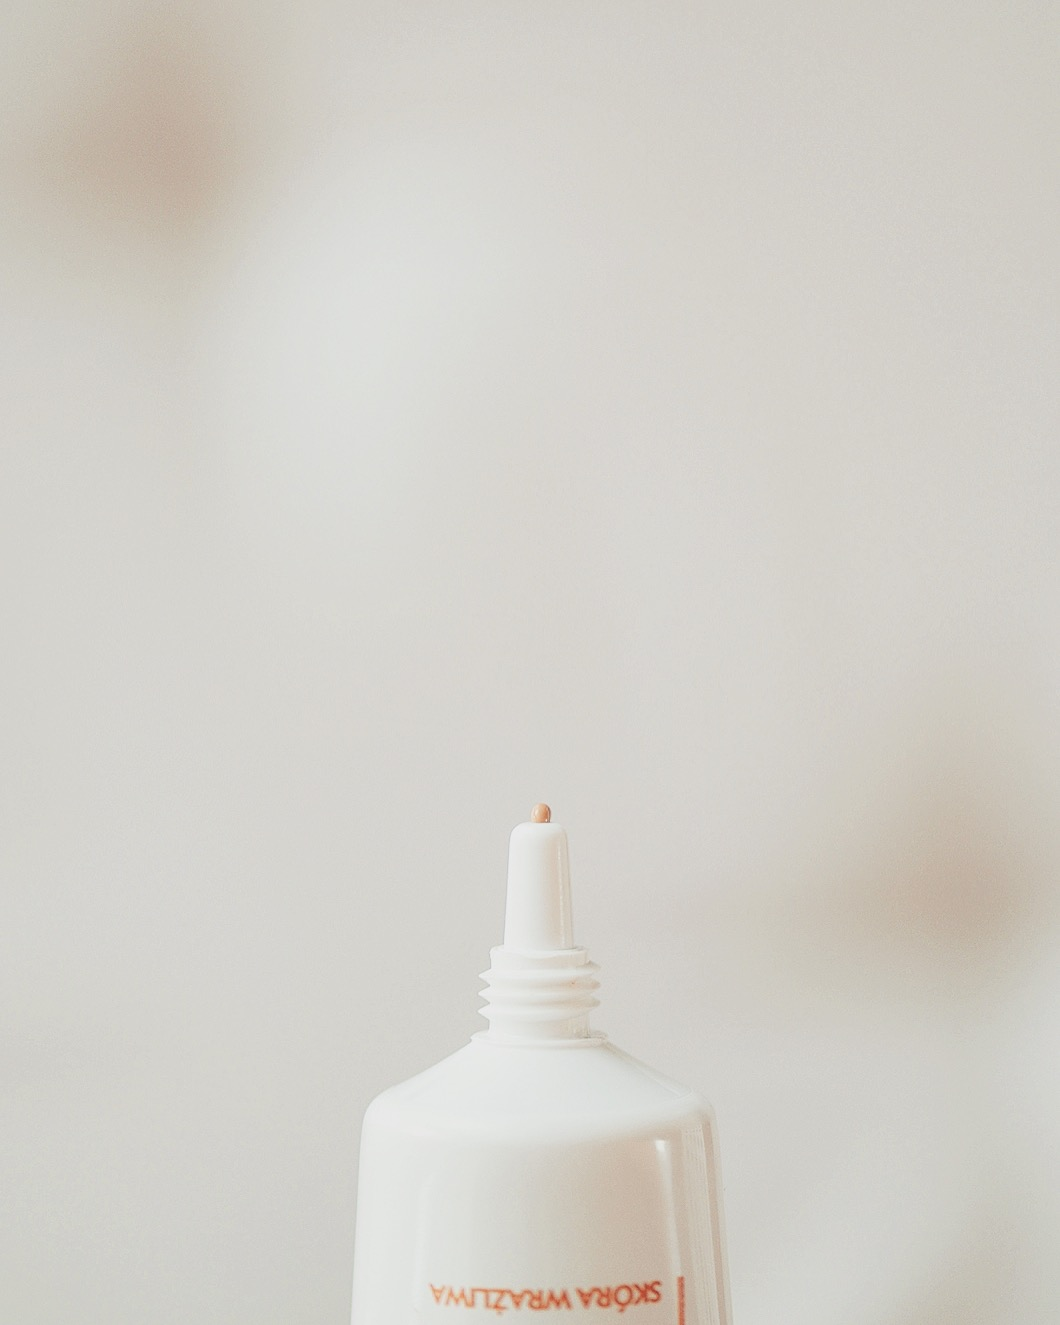 IWOSTIN SOLERCIN BB KREM SPF 50+ krme barwiący krem z filtrem wyrównujący koloryt bb dla skóry trądzikowej